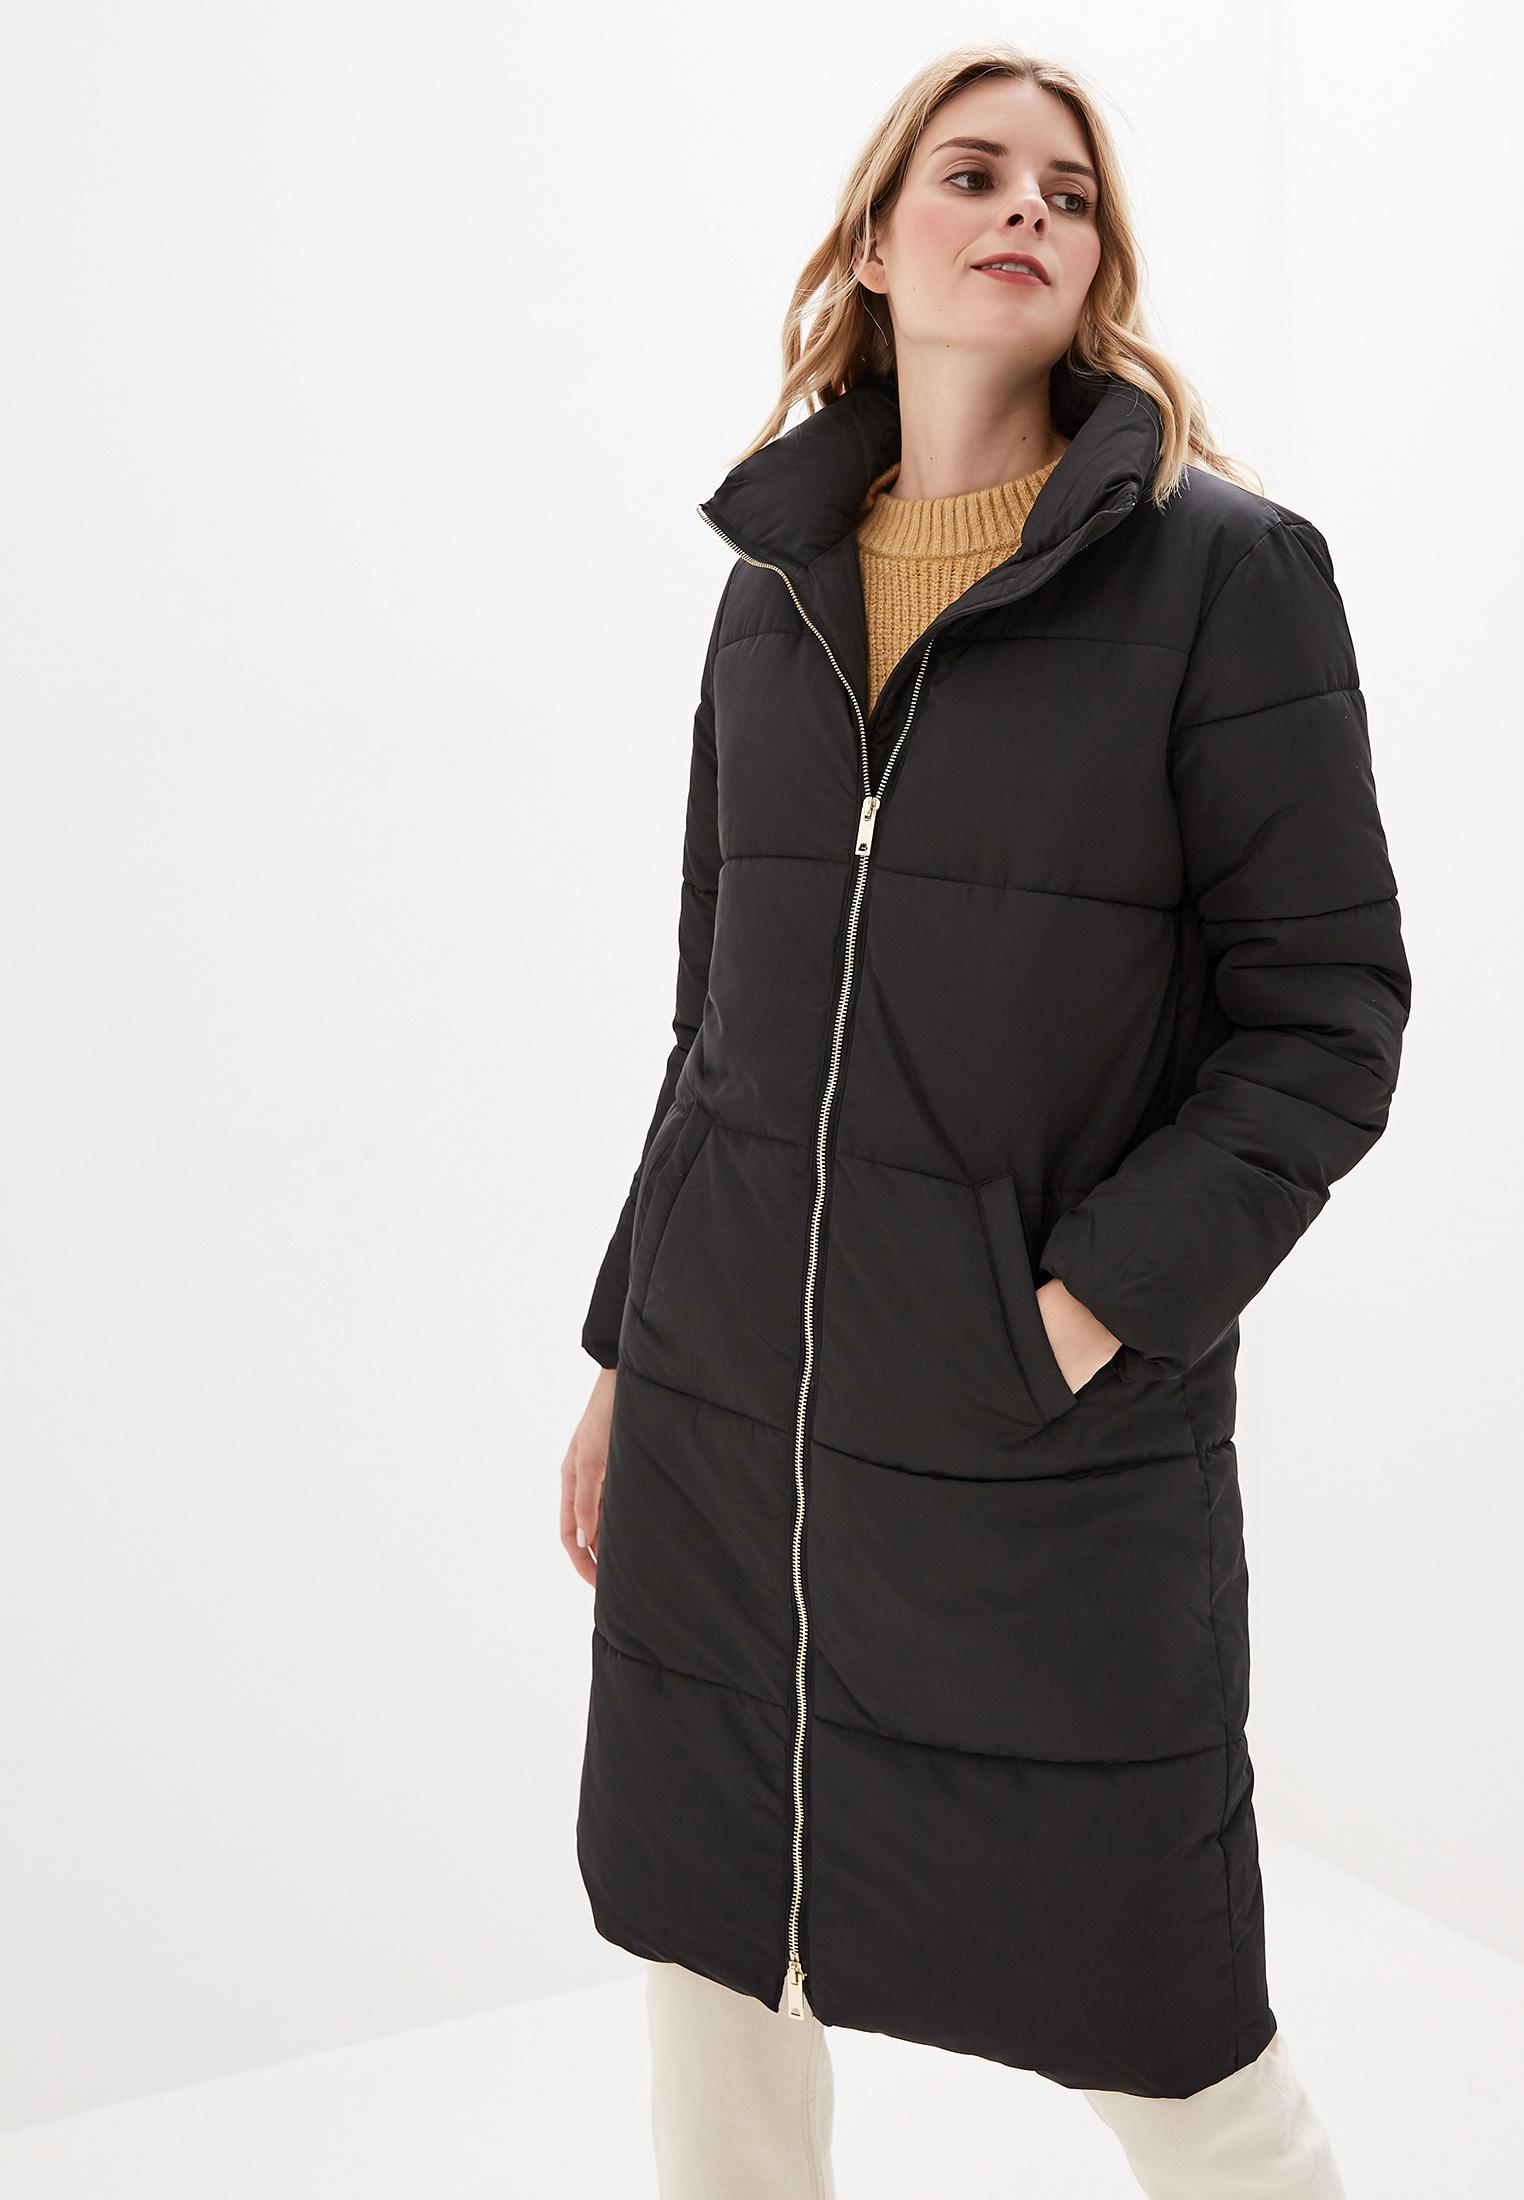 Куртка утепленная, Jacqueline de Yong, цвет: черный. Артикул: JA908EWFKIJ1. Одежда / Верхняя одежда